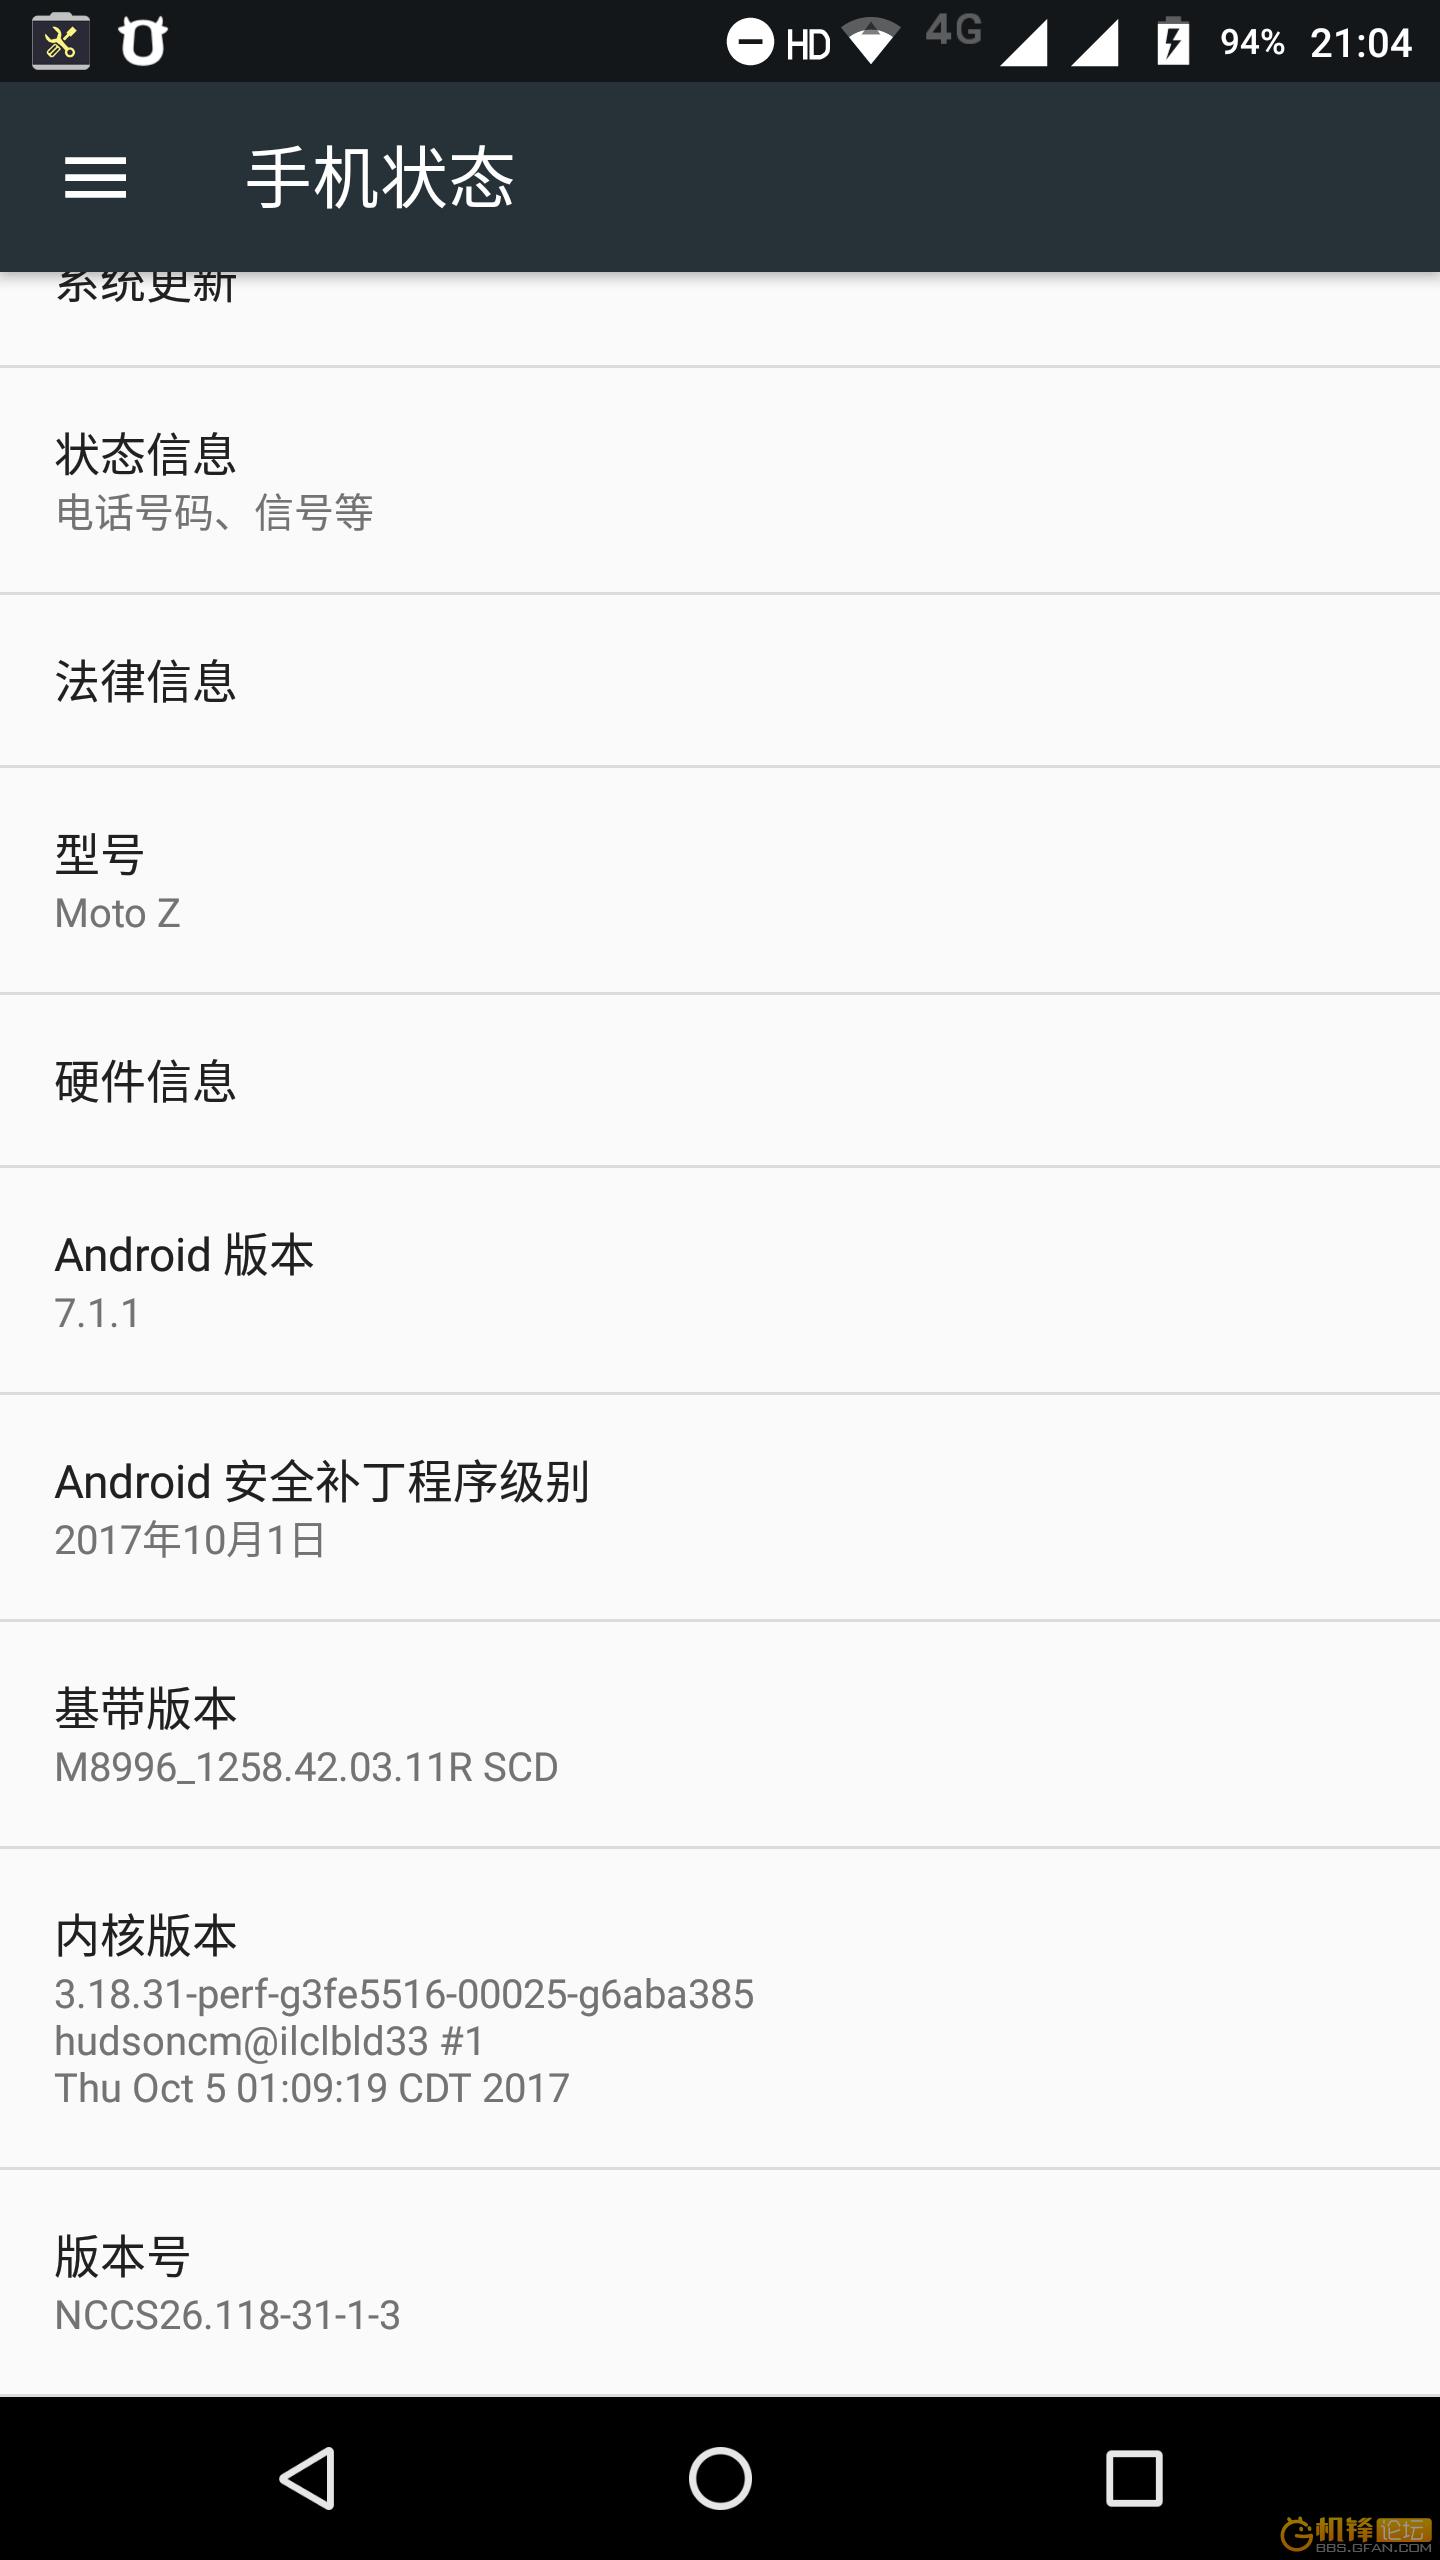 LongScreenshot_2018-01-04-21-04-44.png